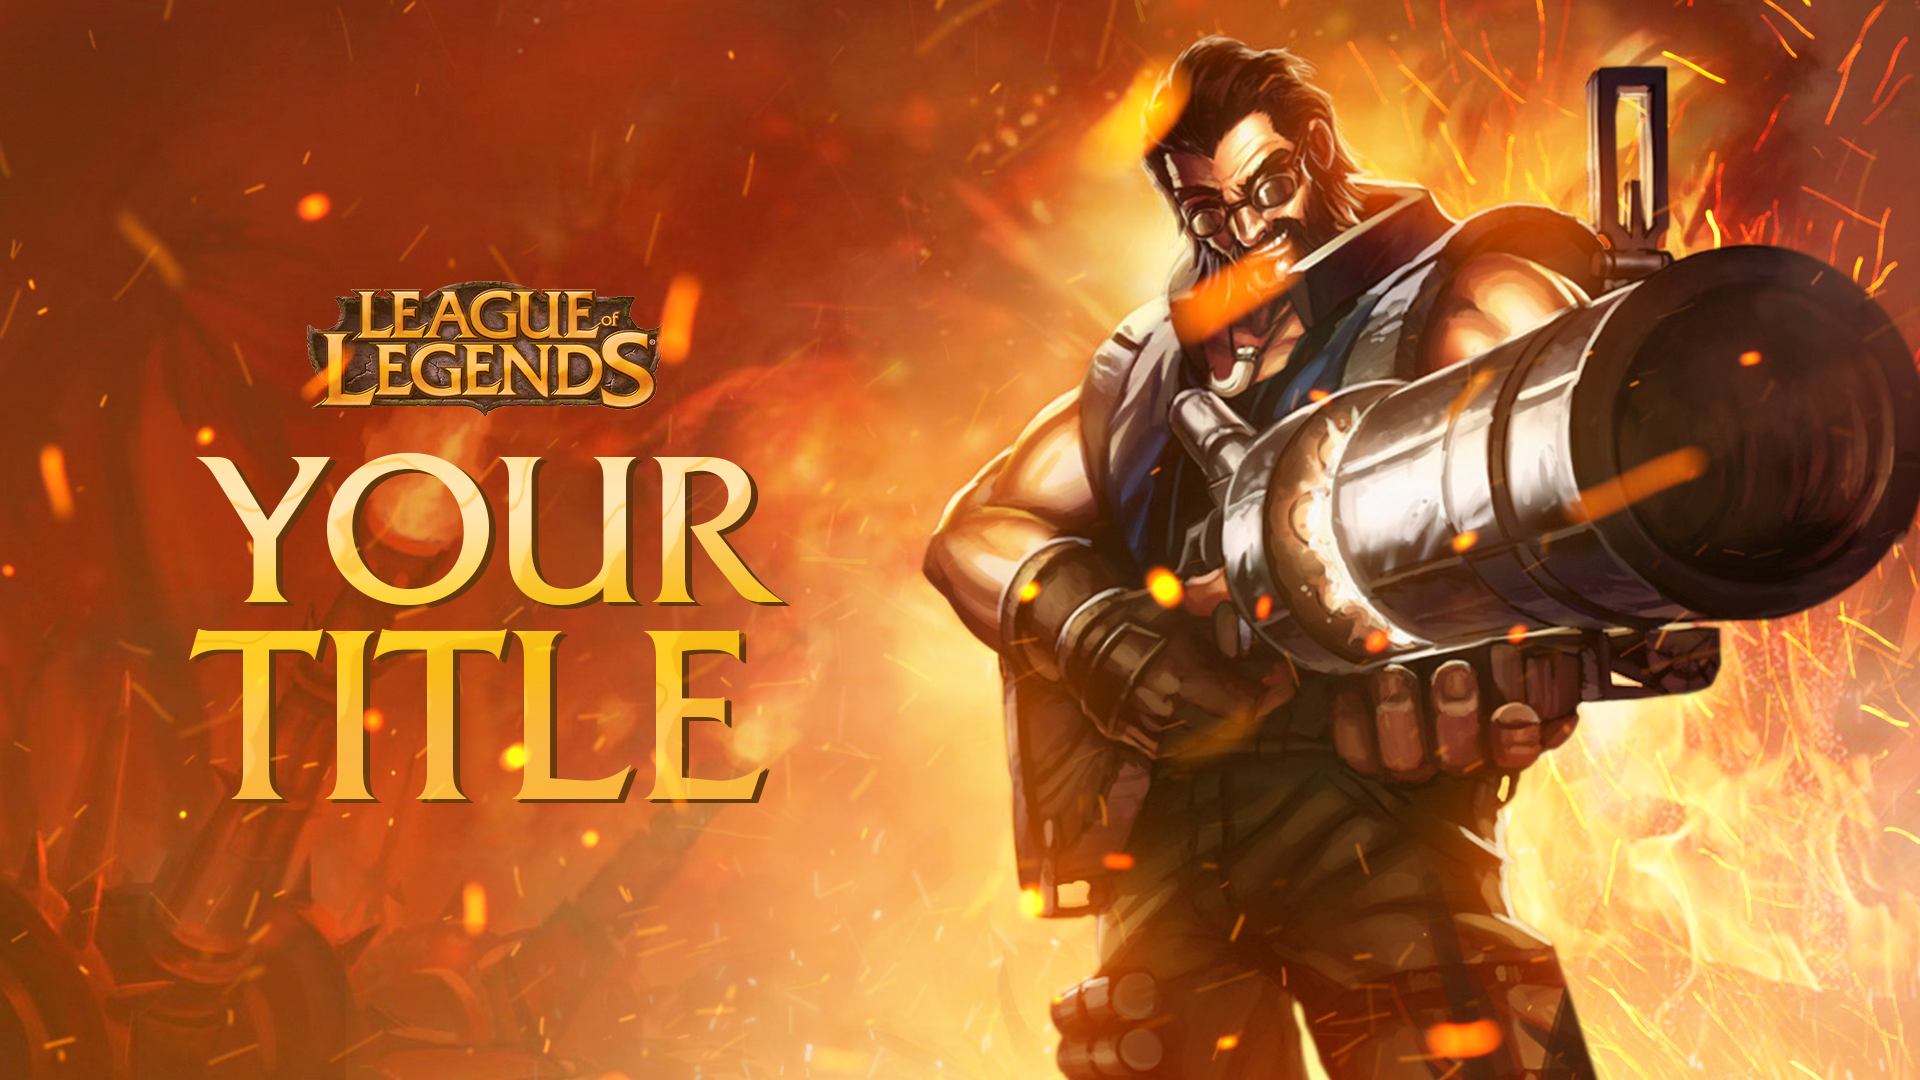 League of Legends Thumbnail